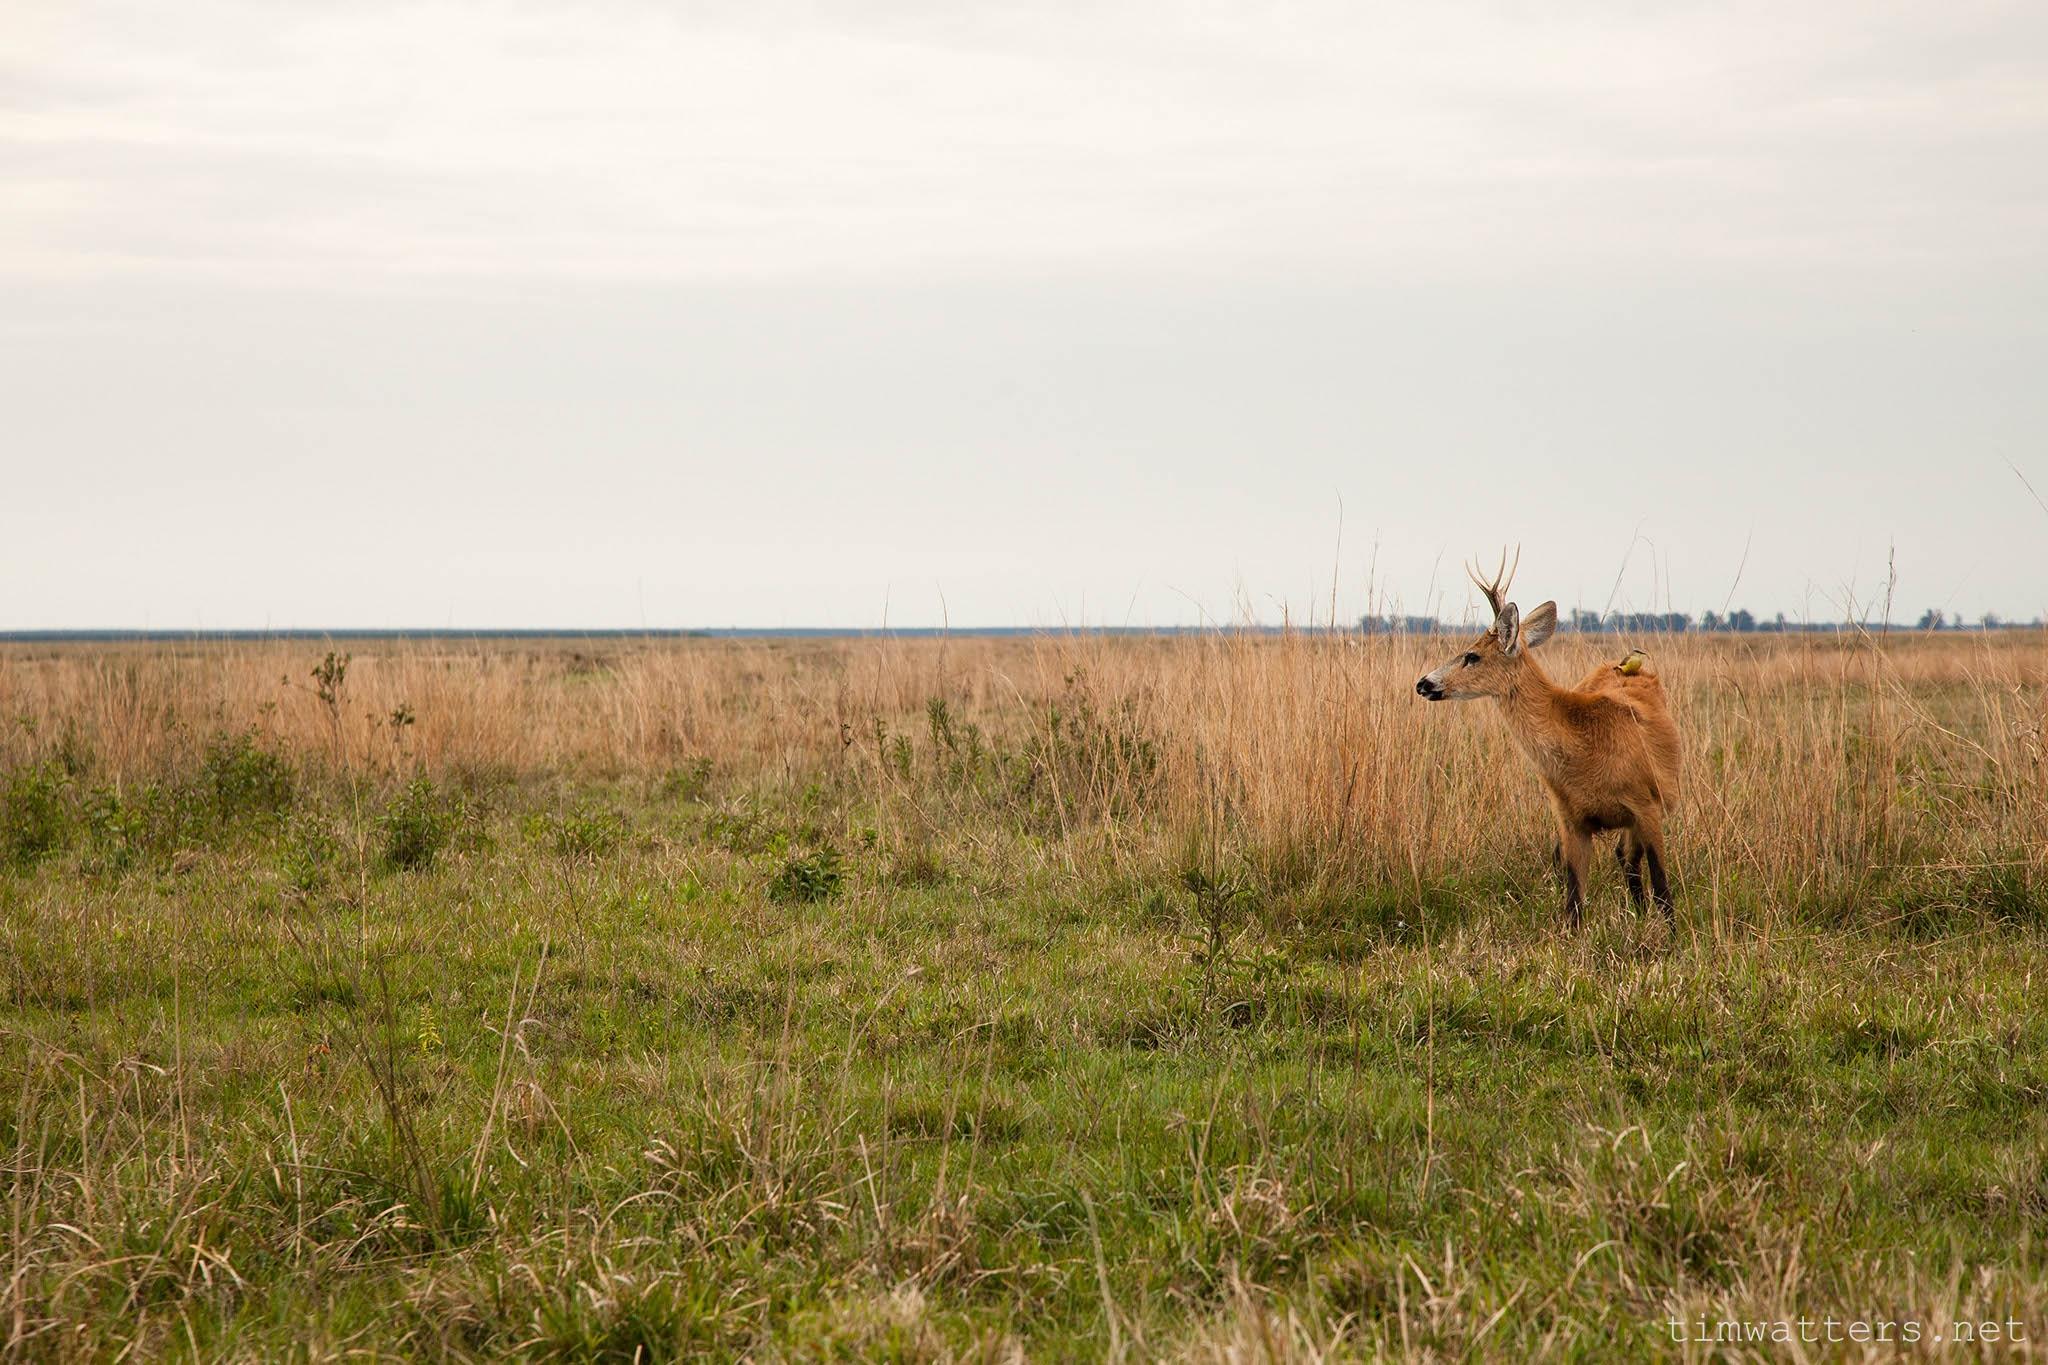 008-TimWatters-Ibera-Wildlife.jpg